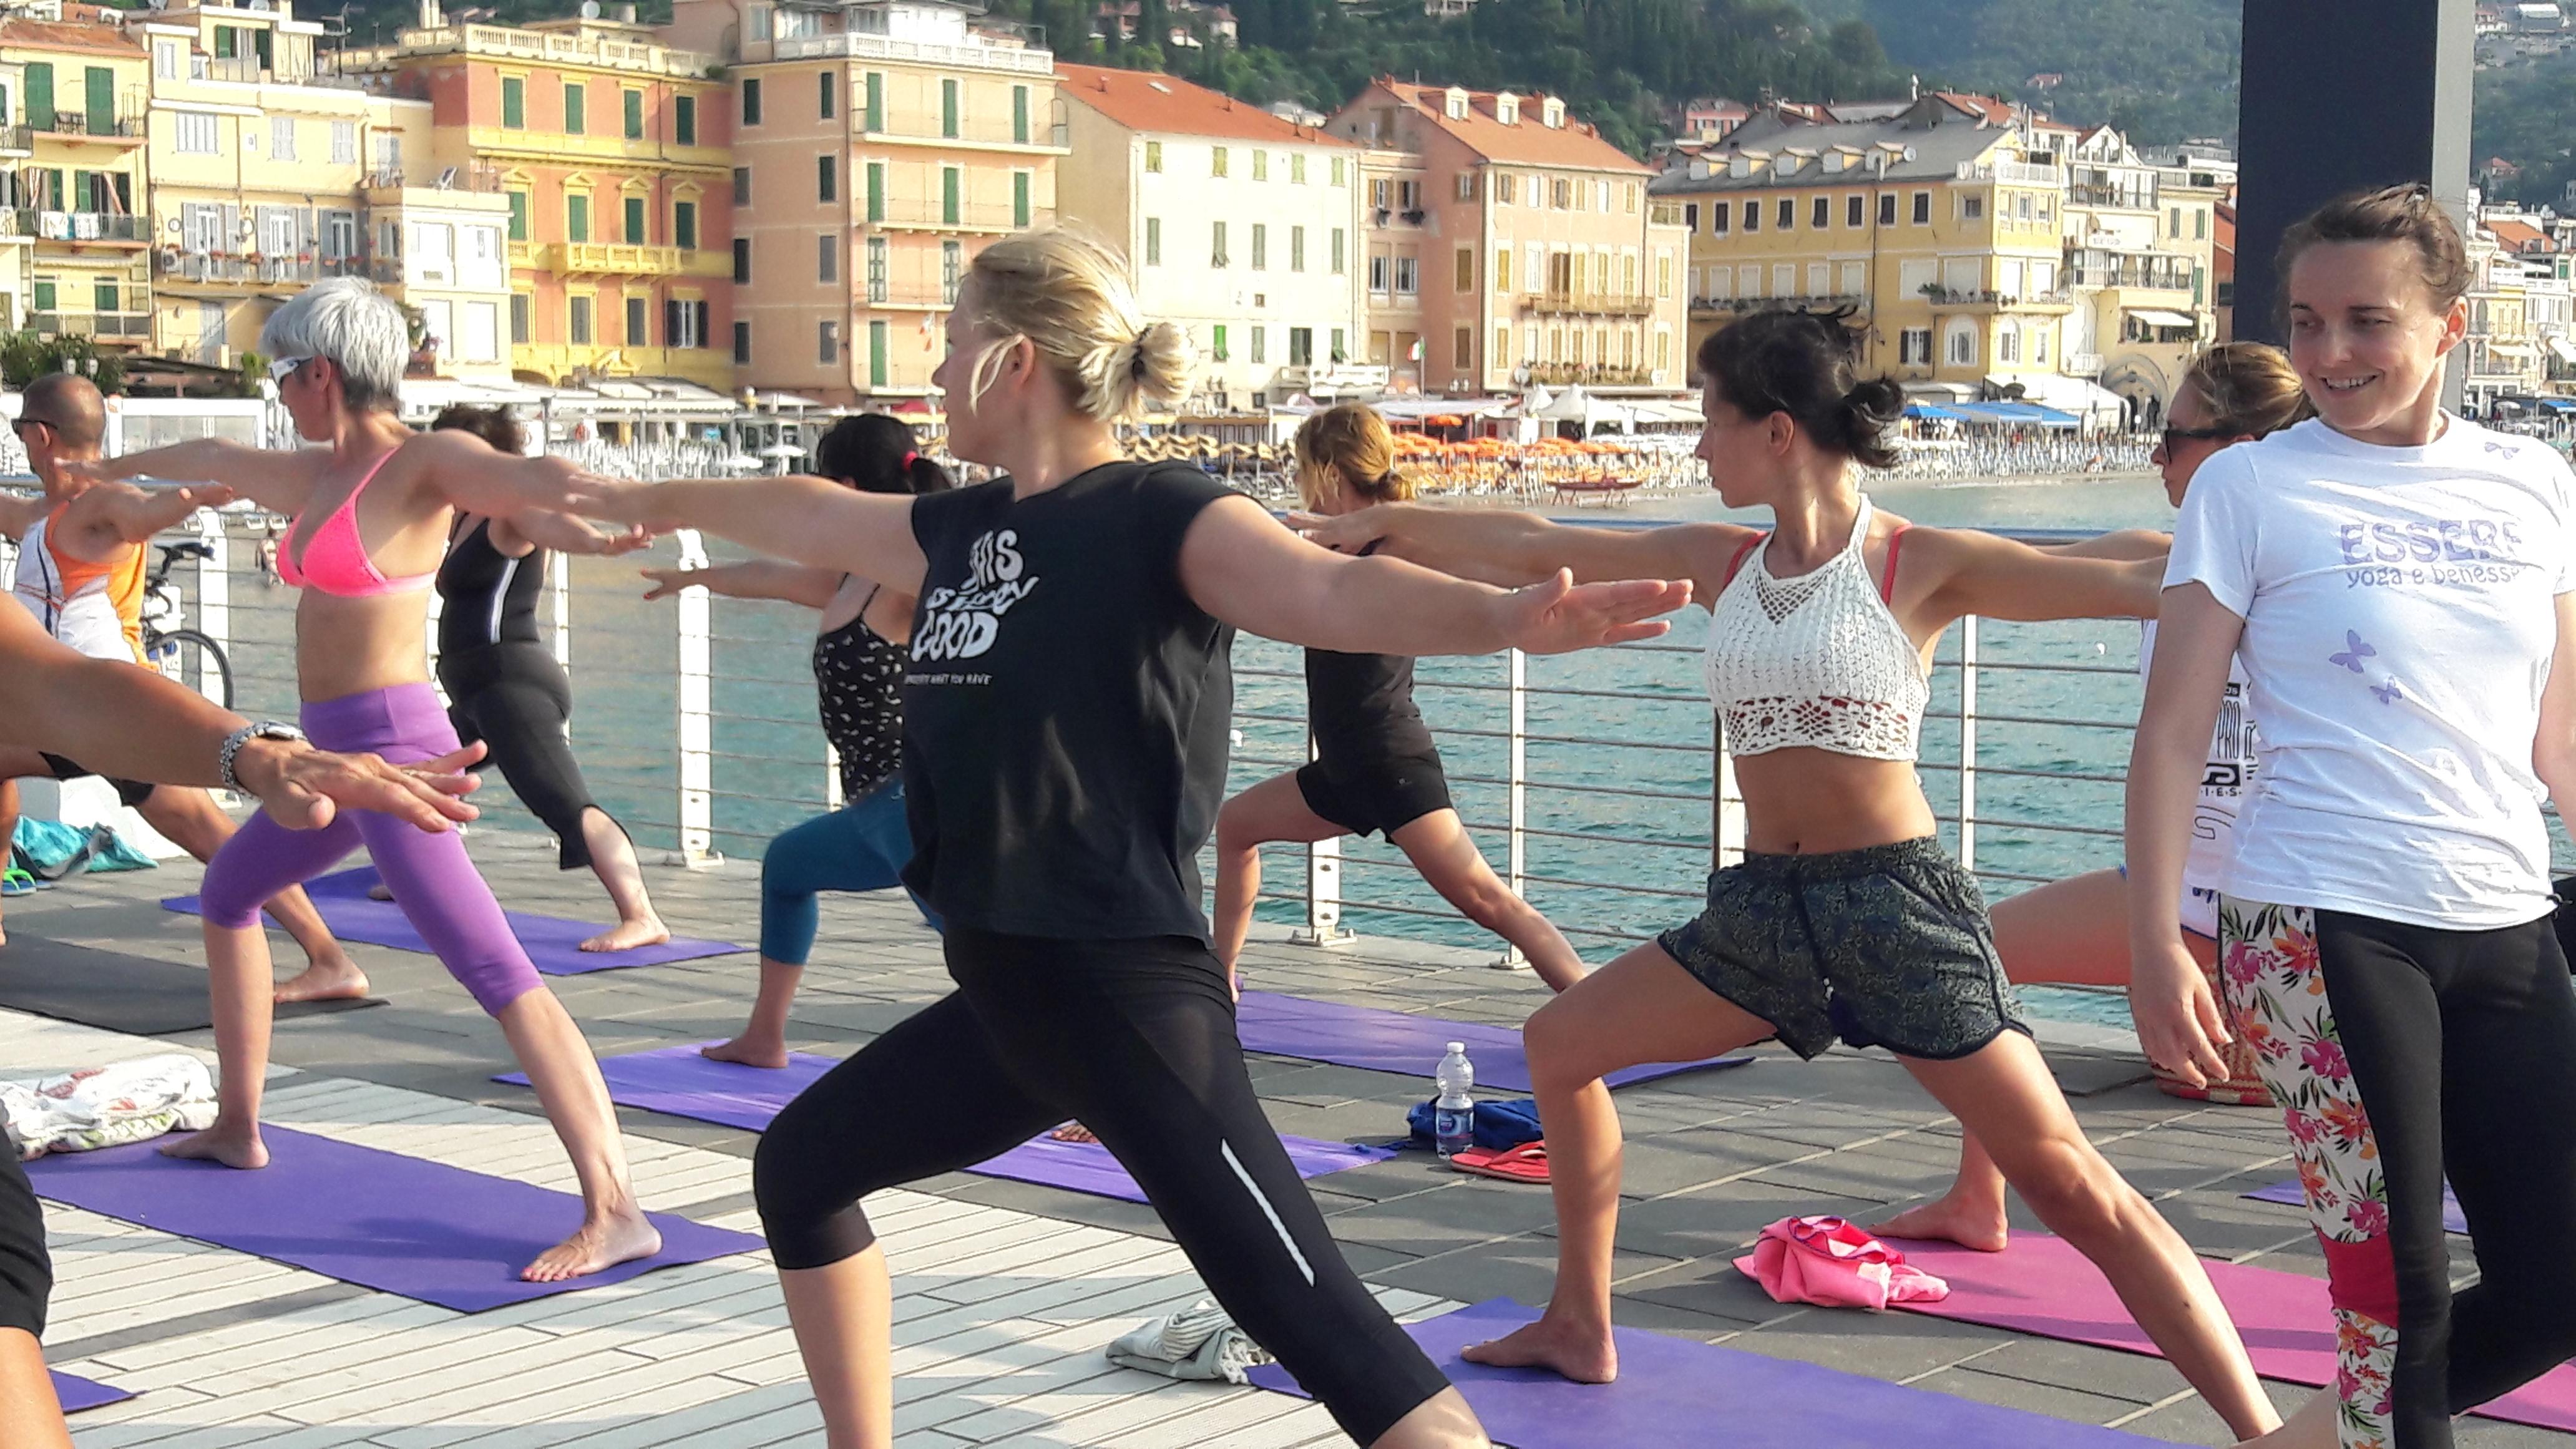 essere-free-yoga-gratuito-benessere-per-tutti-village-citta-alassio-estate-lucia-ragazzi-summer-town-wellness-026